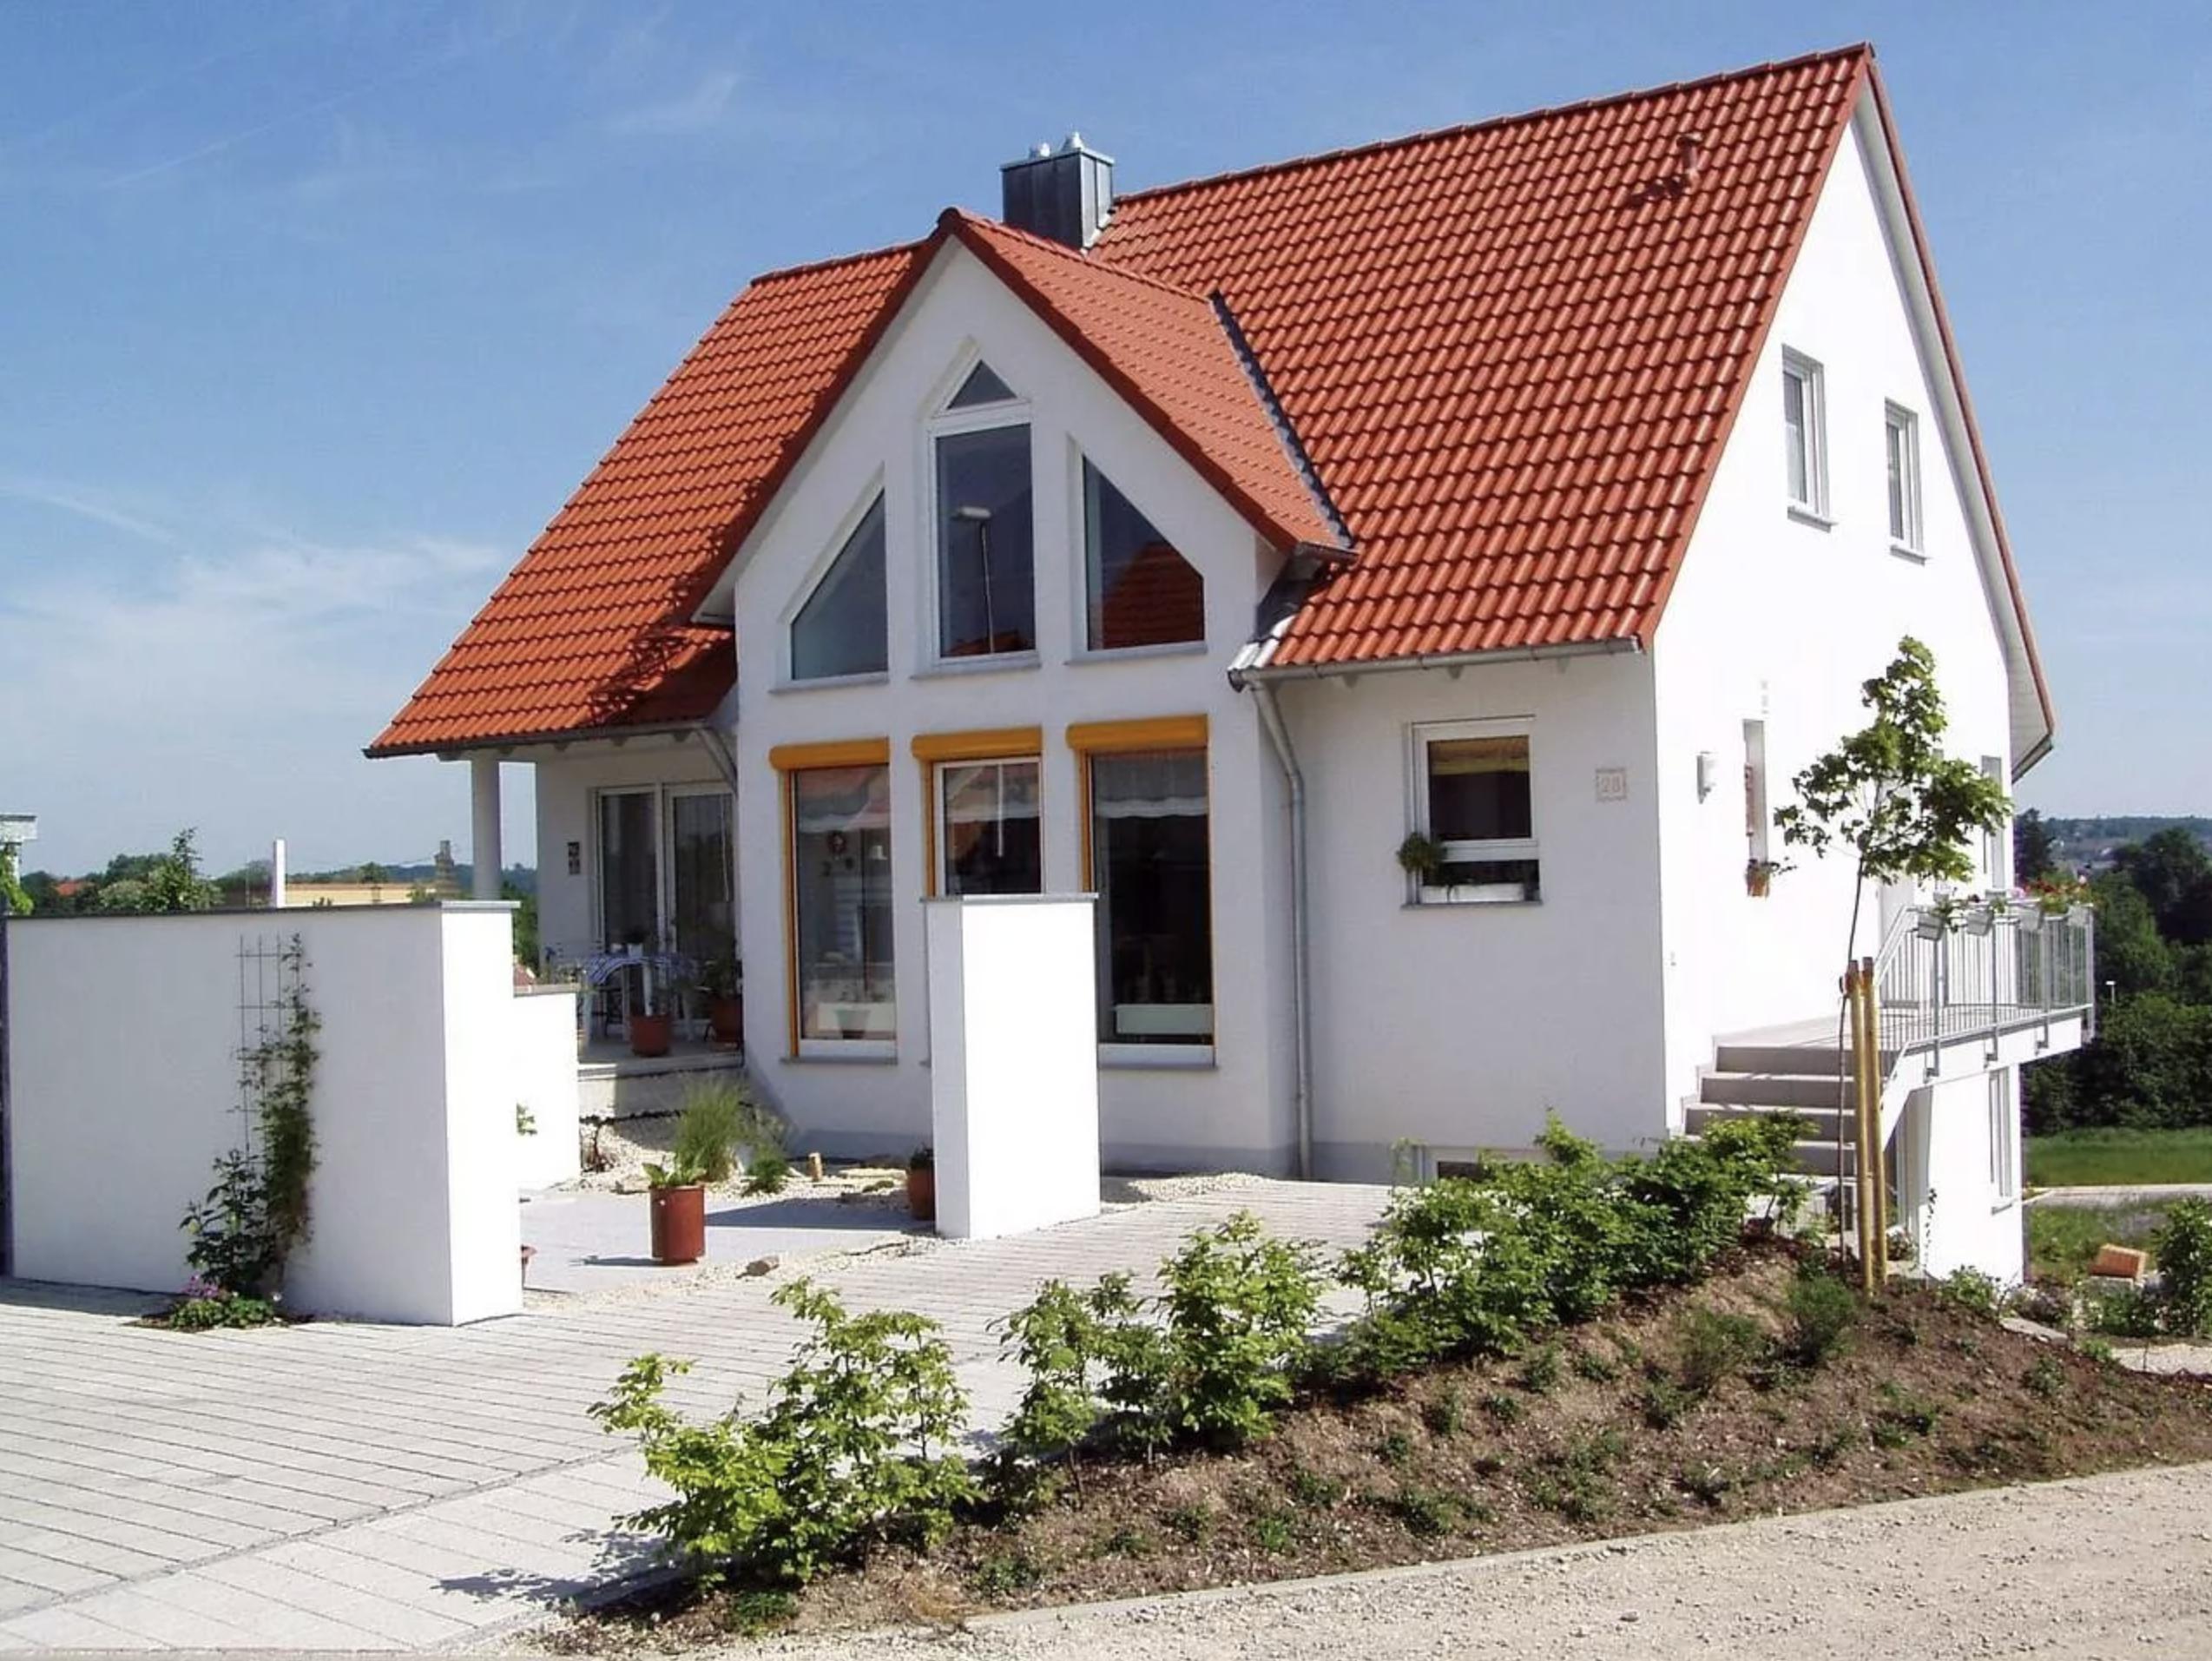 Immobilien - Beispielbild für Einfamilienhaus